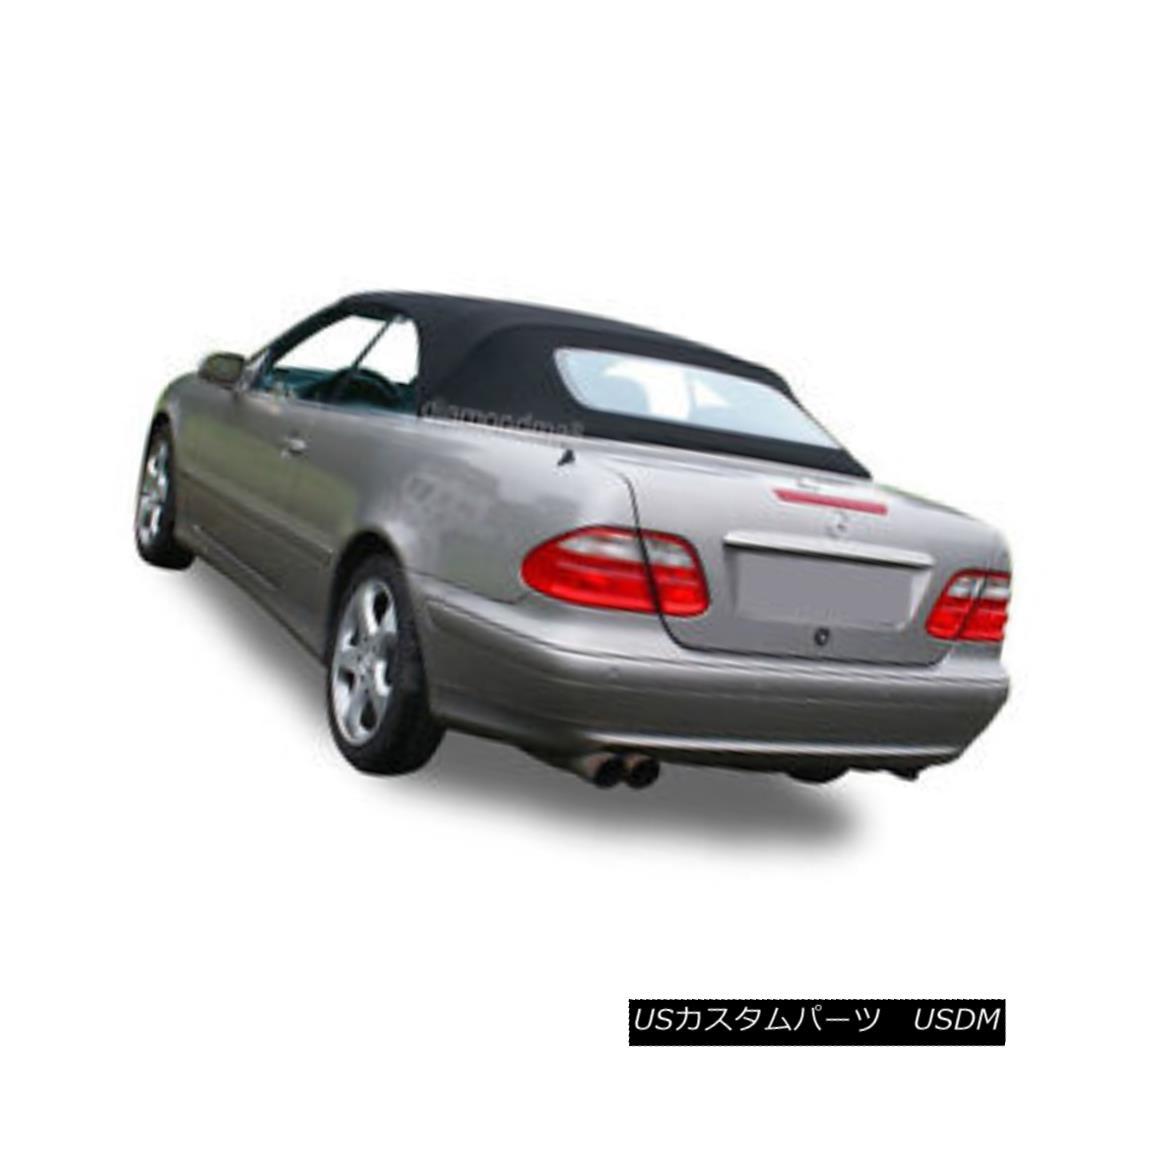 幌・ソフトトップ NEW Mercedes Benz CLK Series 1999-2003 Convertible Soft Top Black Stayfast Cloth NEWメルセデスベンツCLKシリーズ1999-2003コンバーチブルソフトトップブラックステイファストクロス